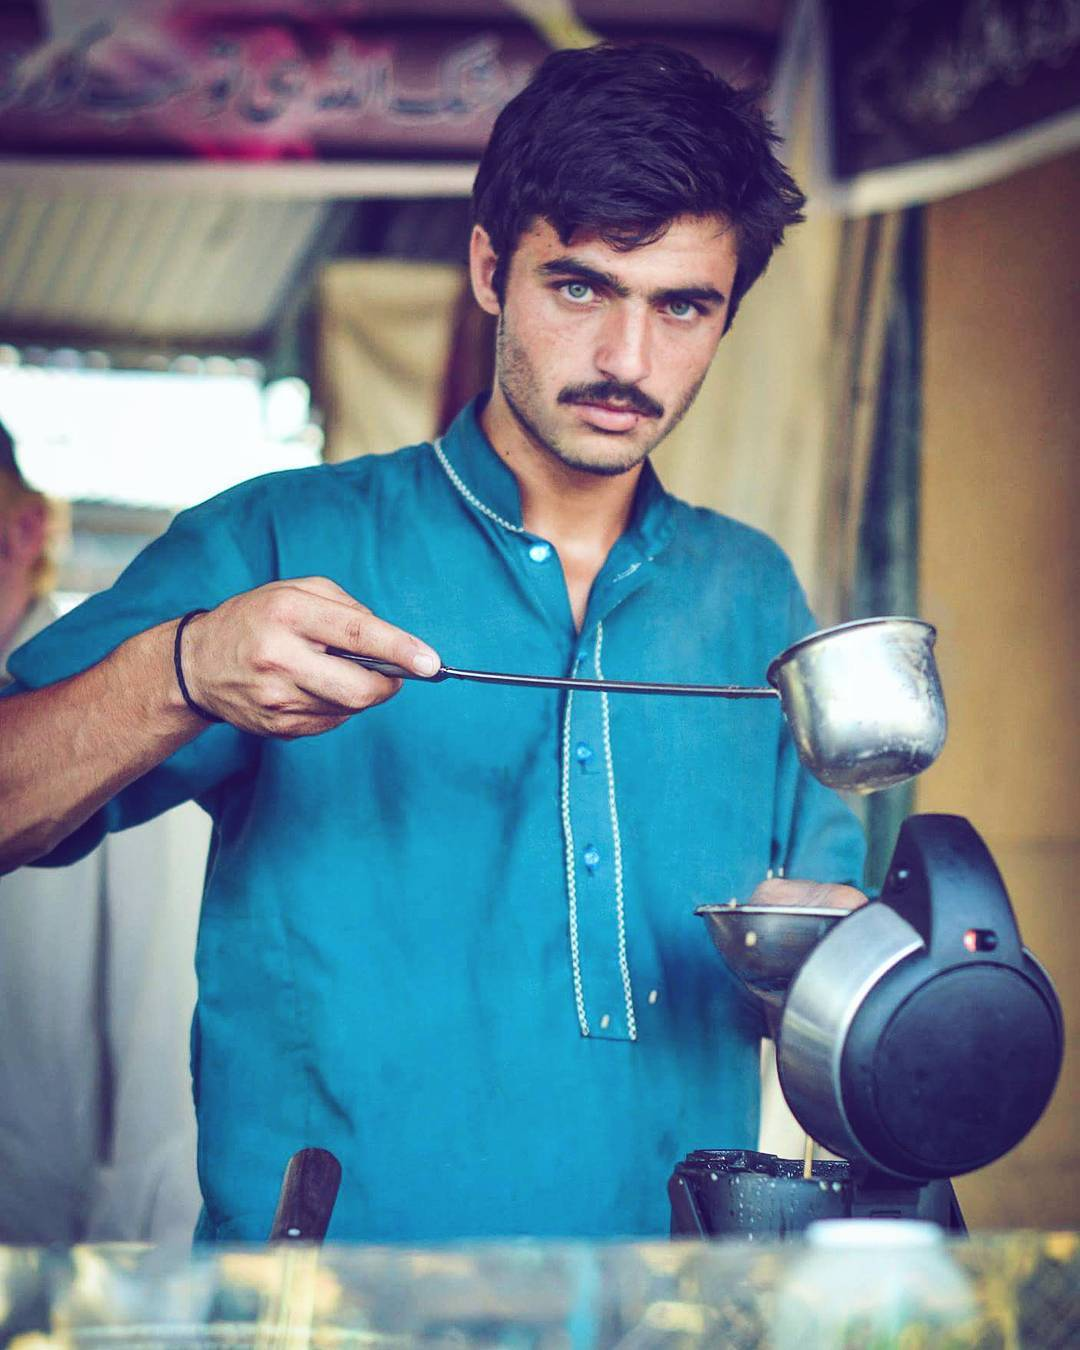 продавец чая